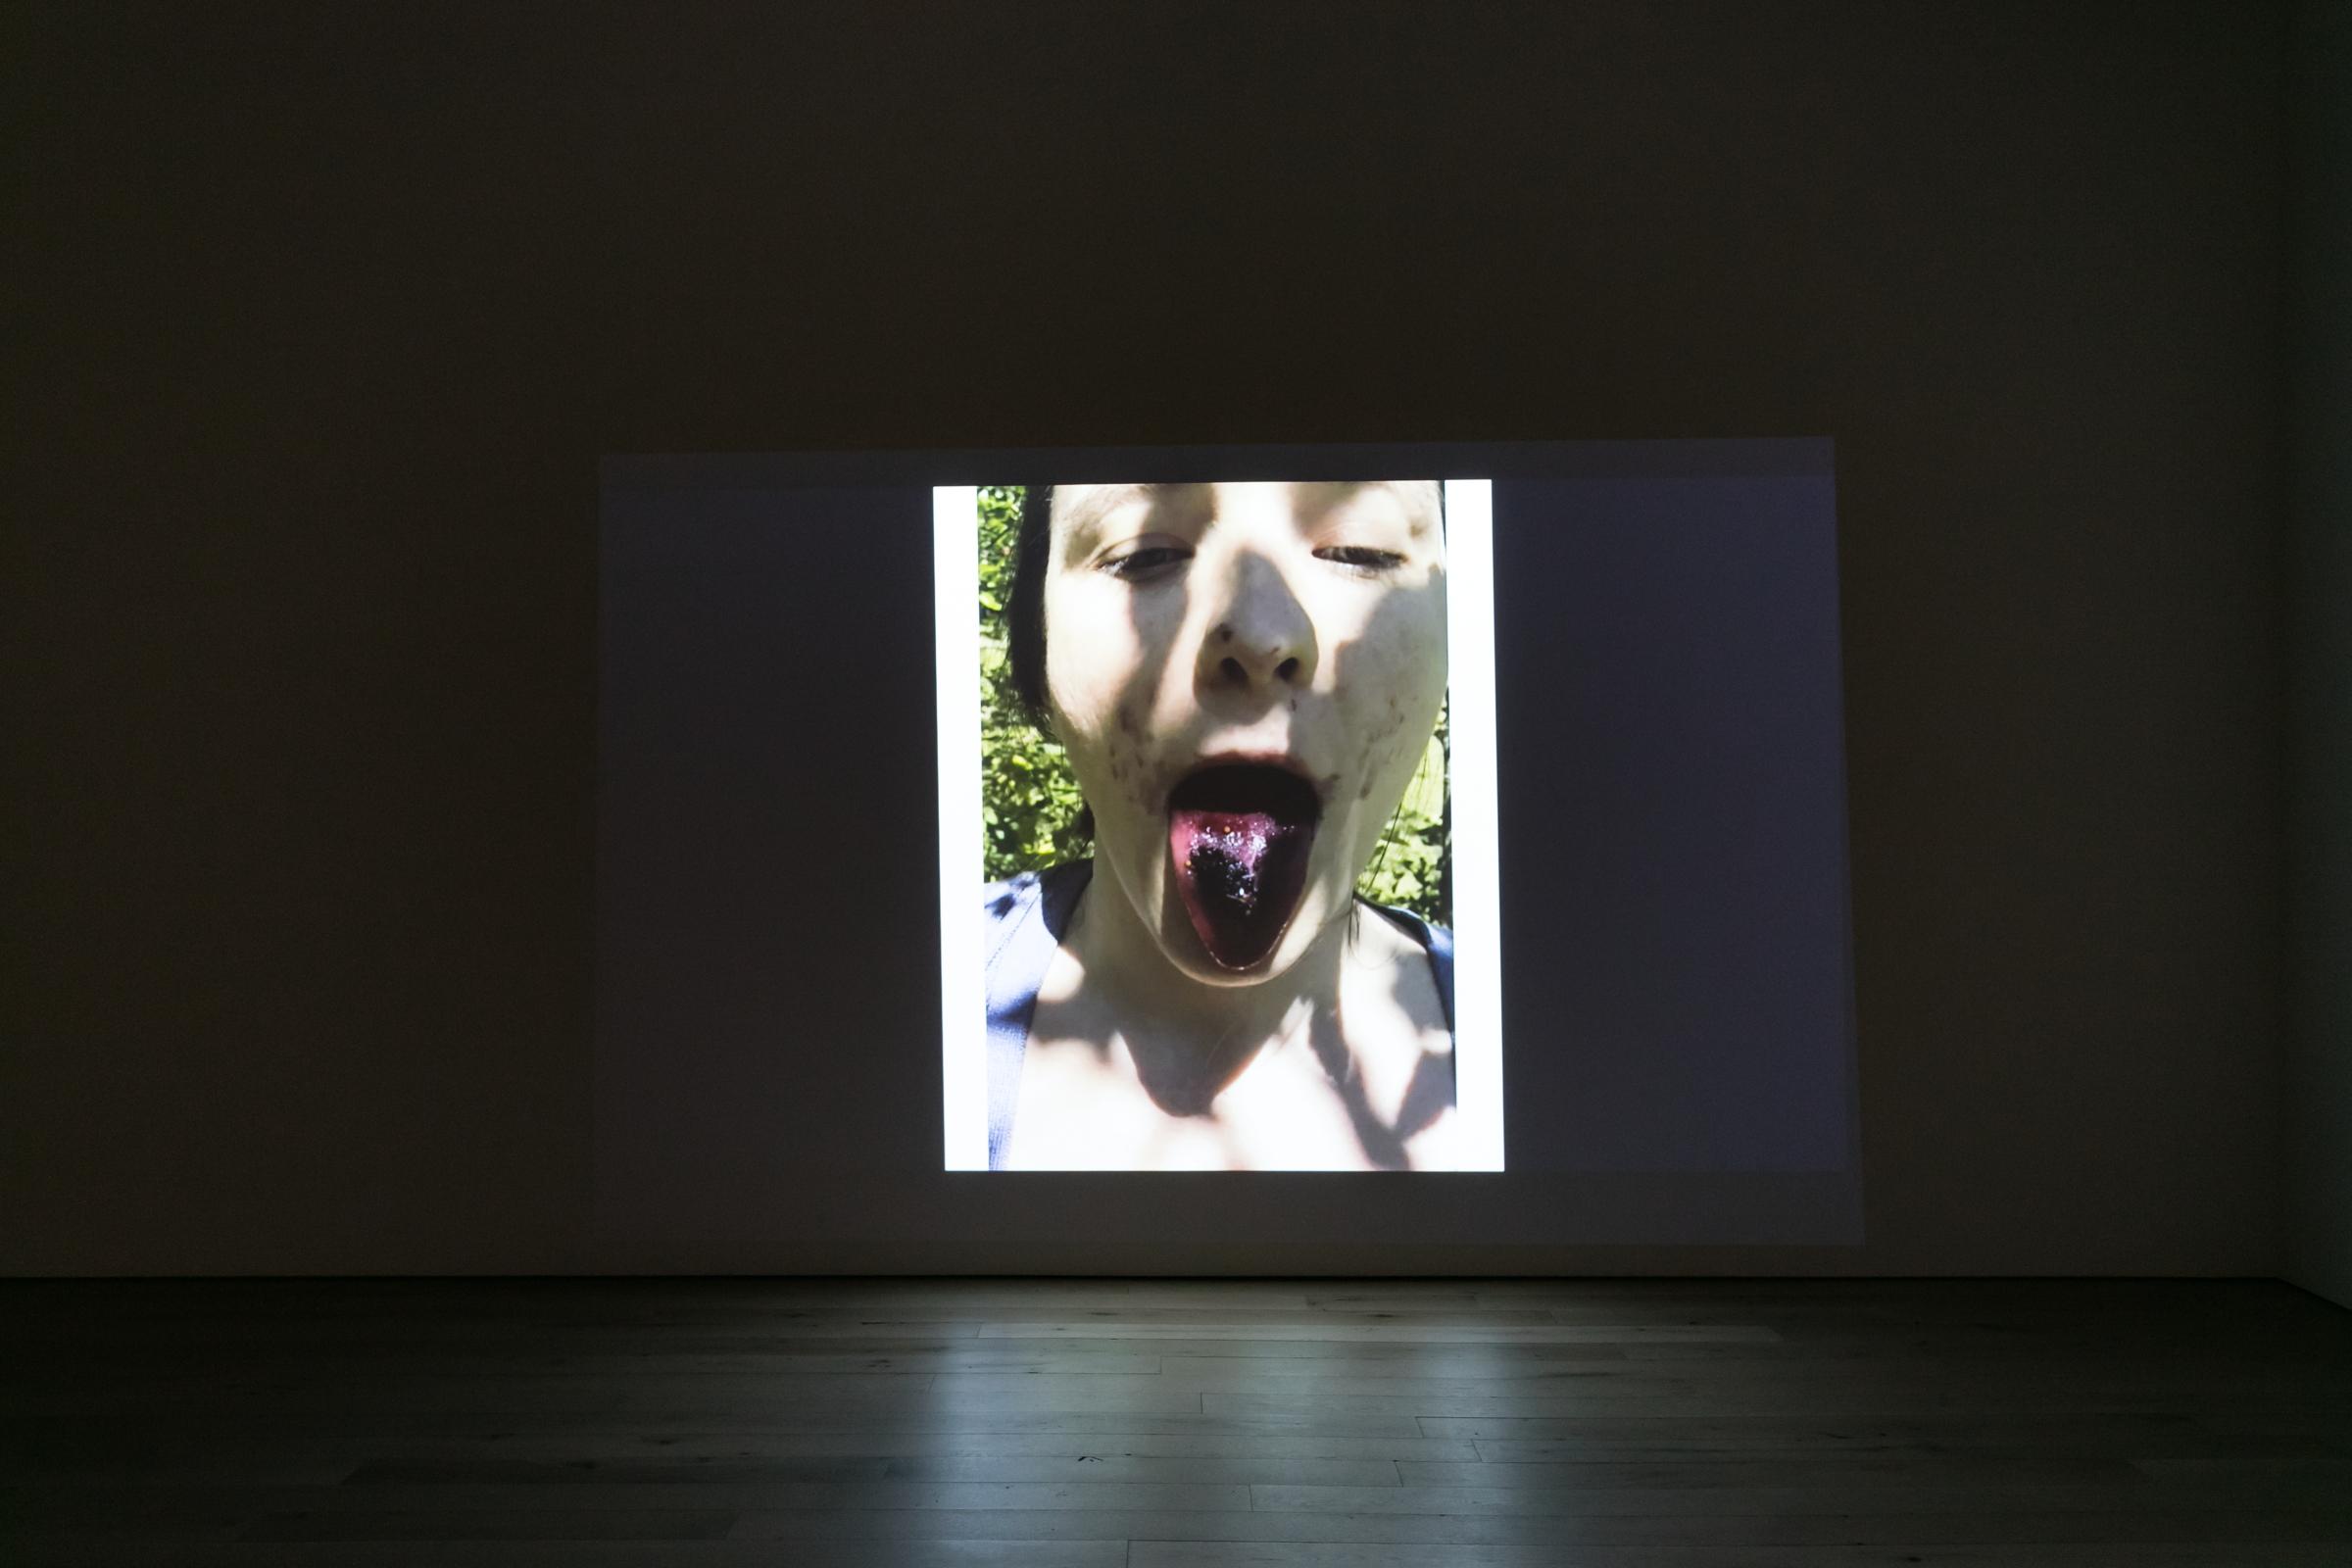 Installation view, Michel Auder,  TRUMPED,  2018, HD video, color, sound by Matthias Grübel, 8:55 min.